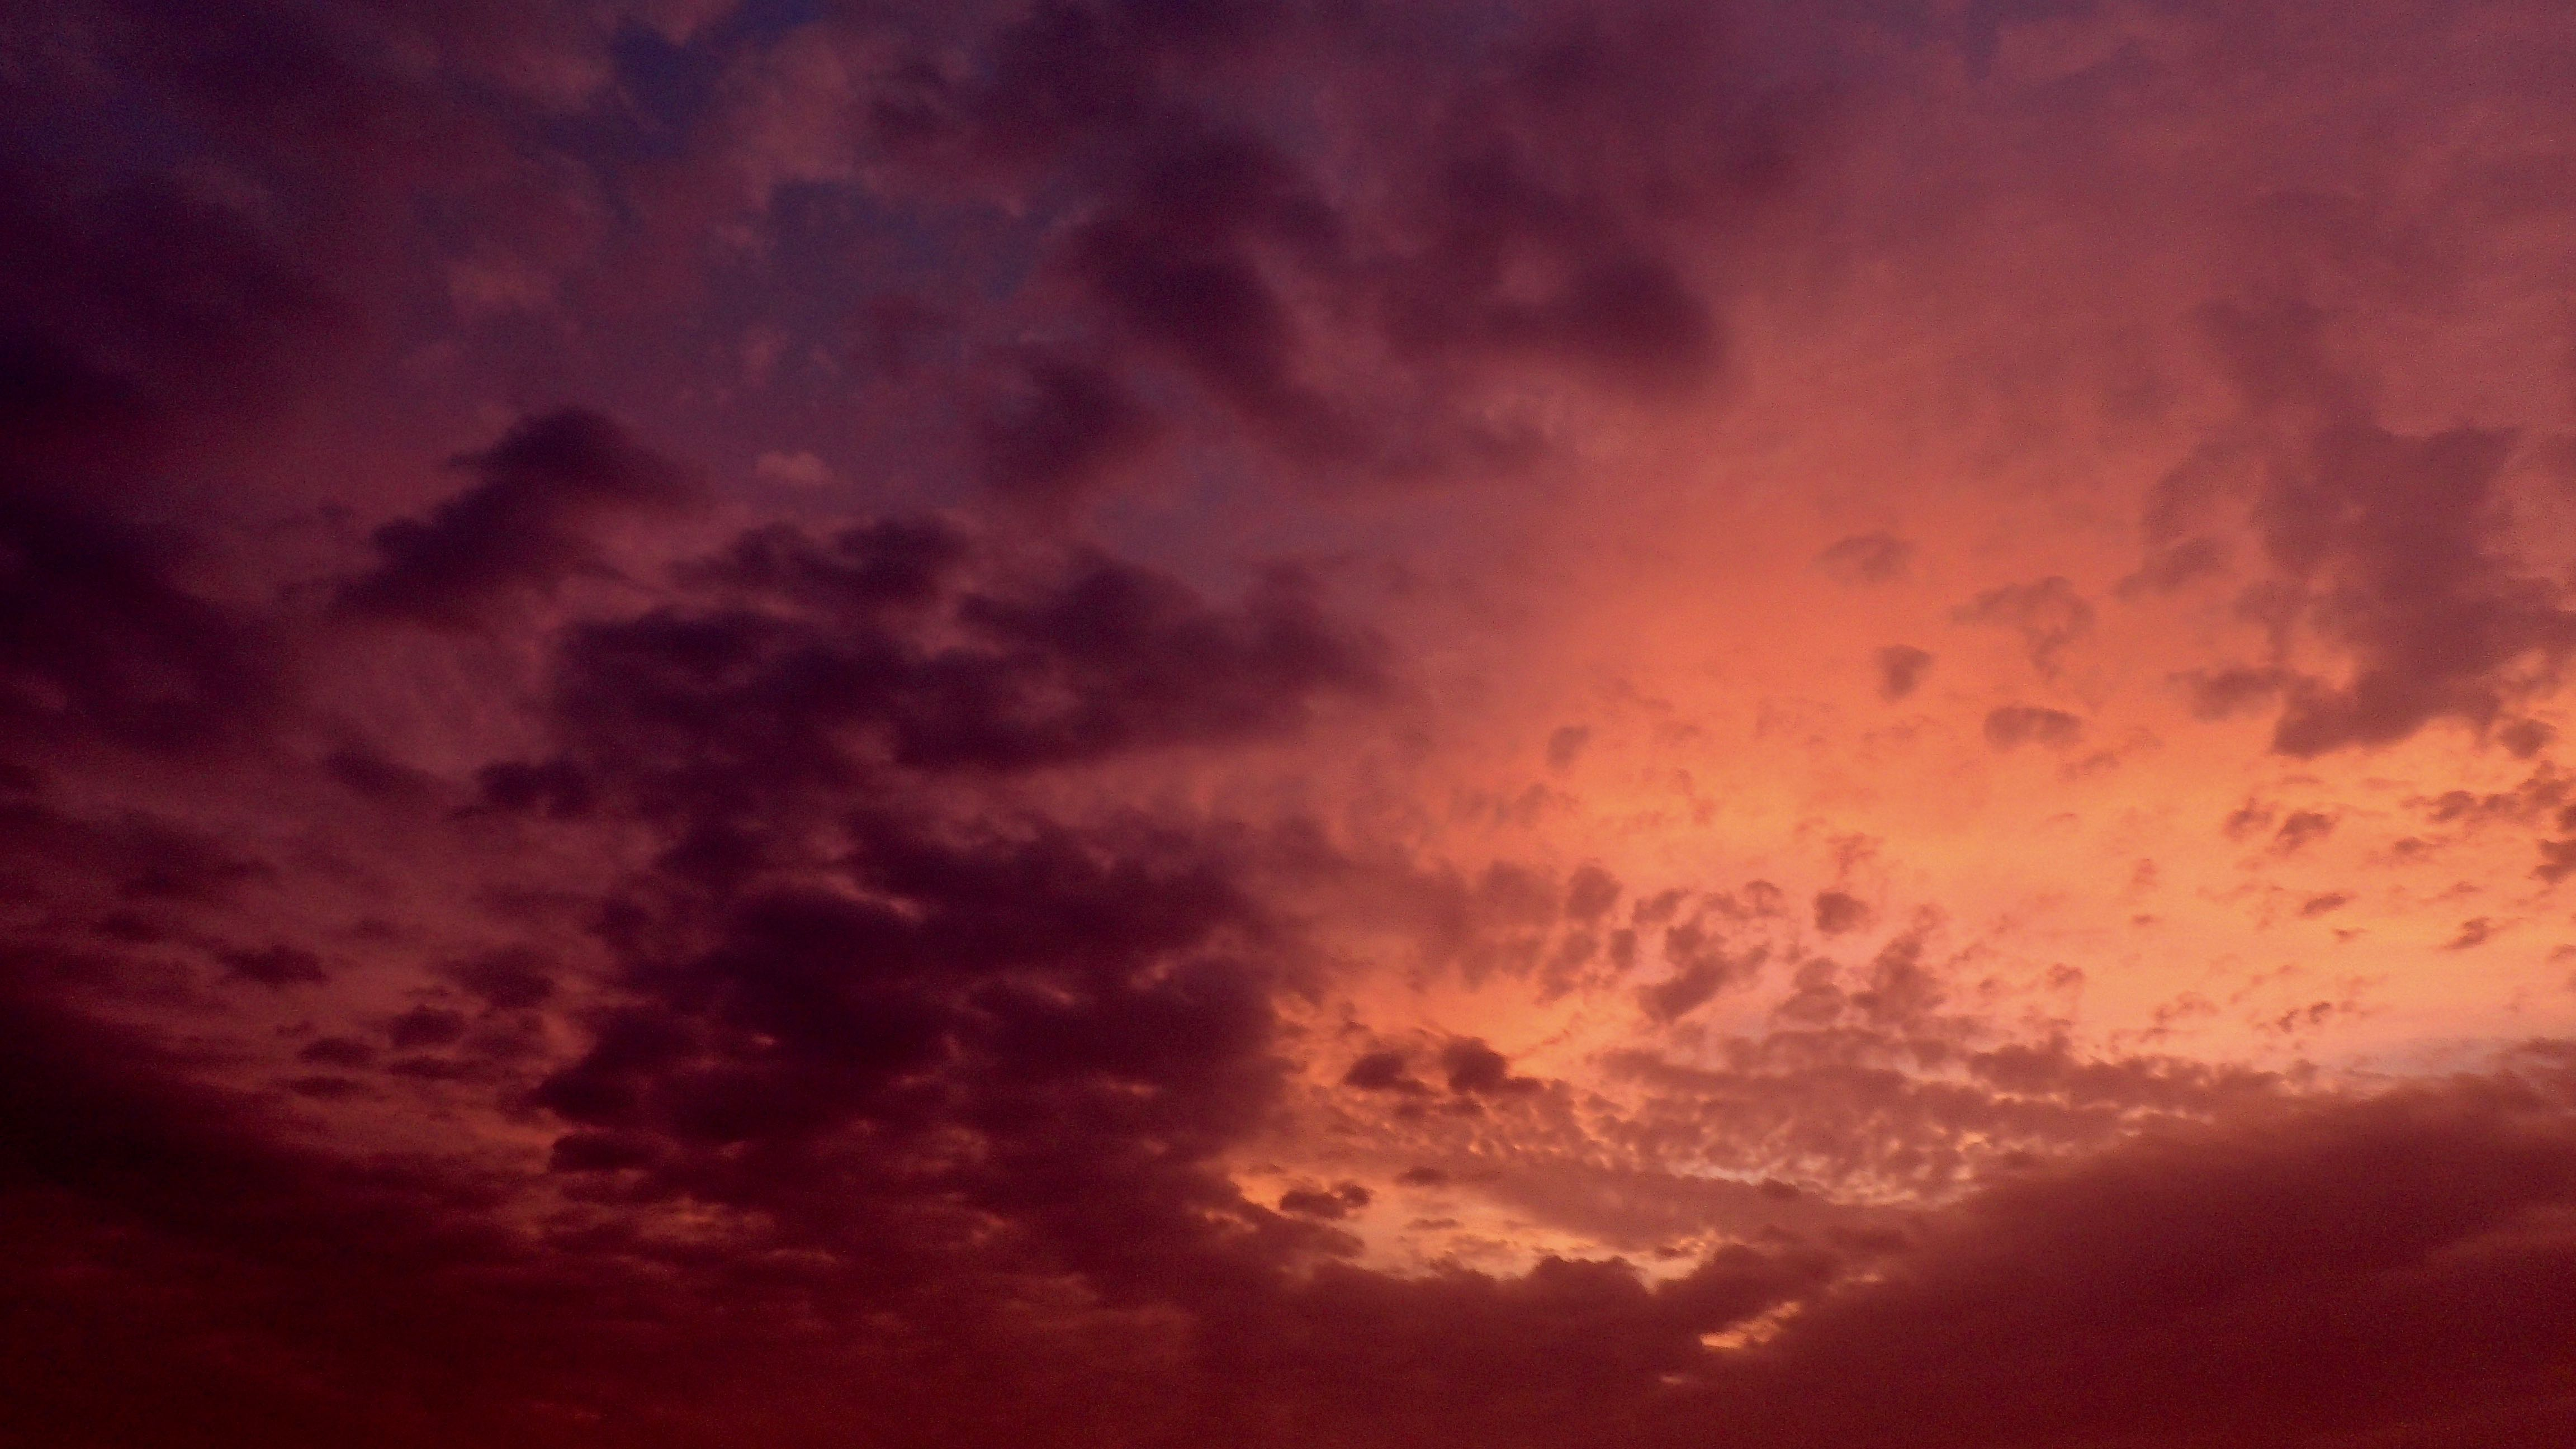 pas vraiment un coucher de soleil mais un ciel magnifique